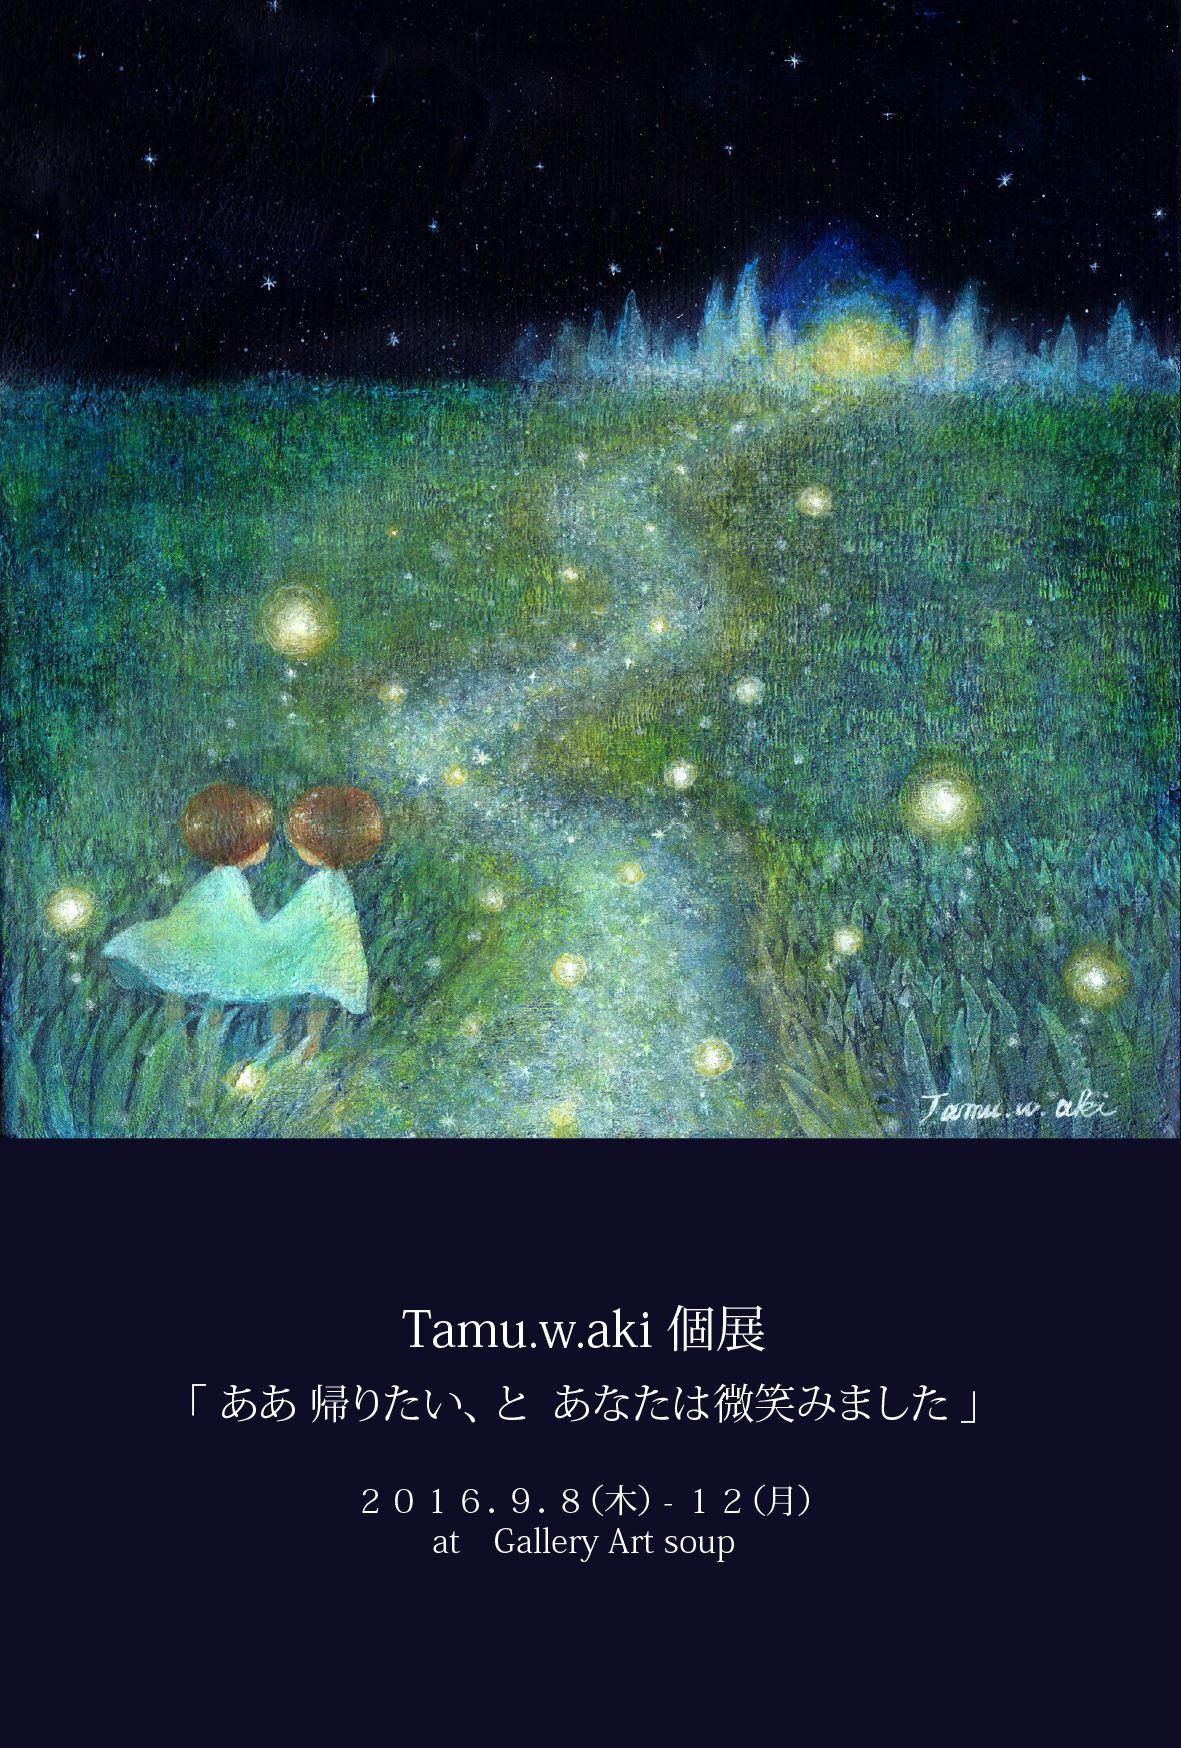 Tamu.w.aki個展「ああ 帰りたい、と あなたは微笑みました」